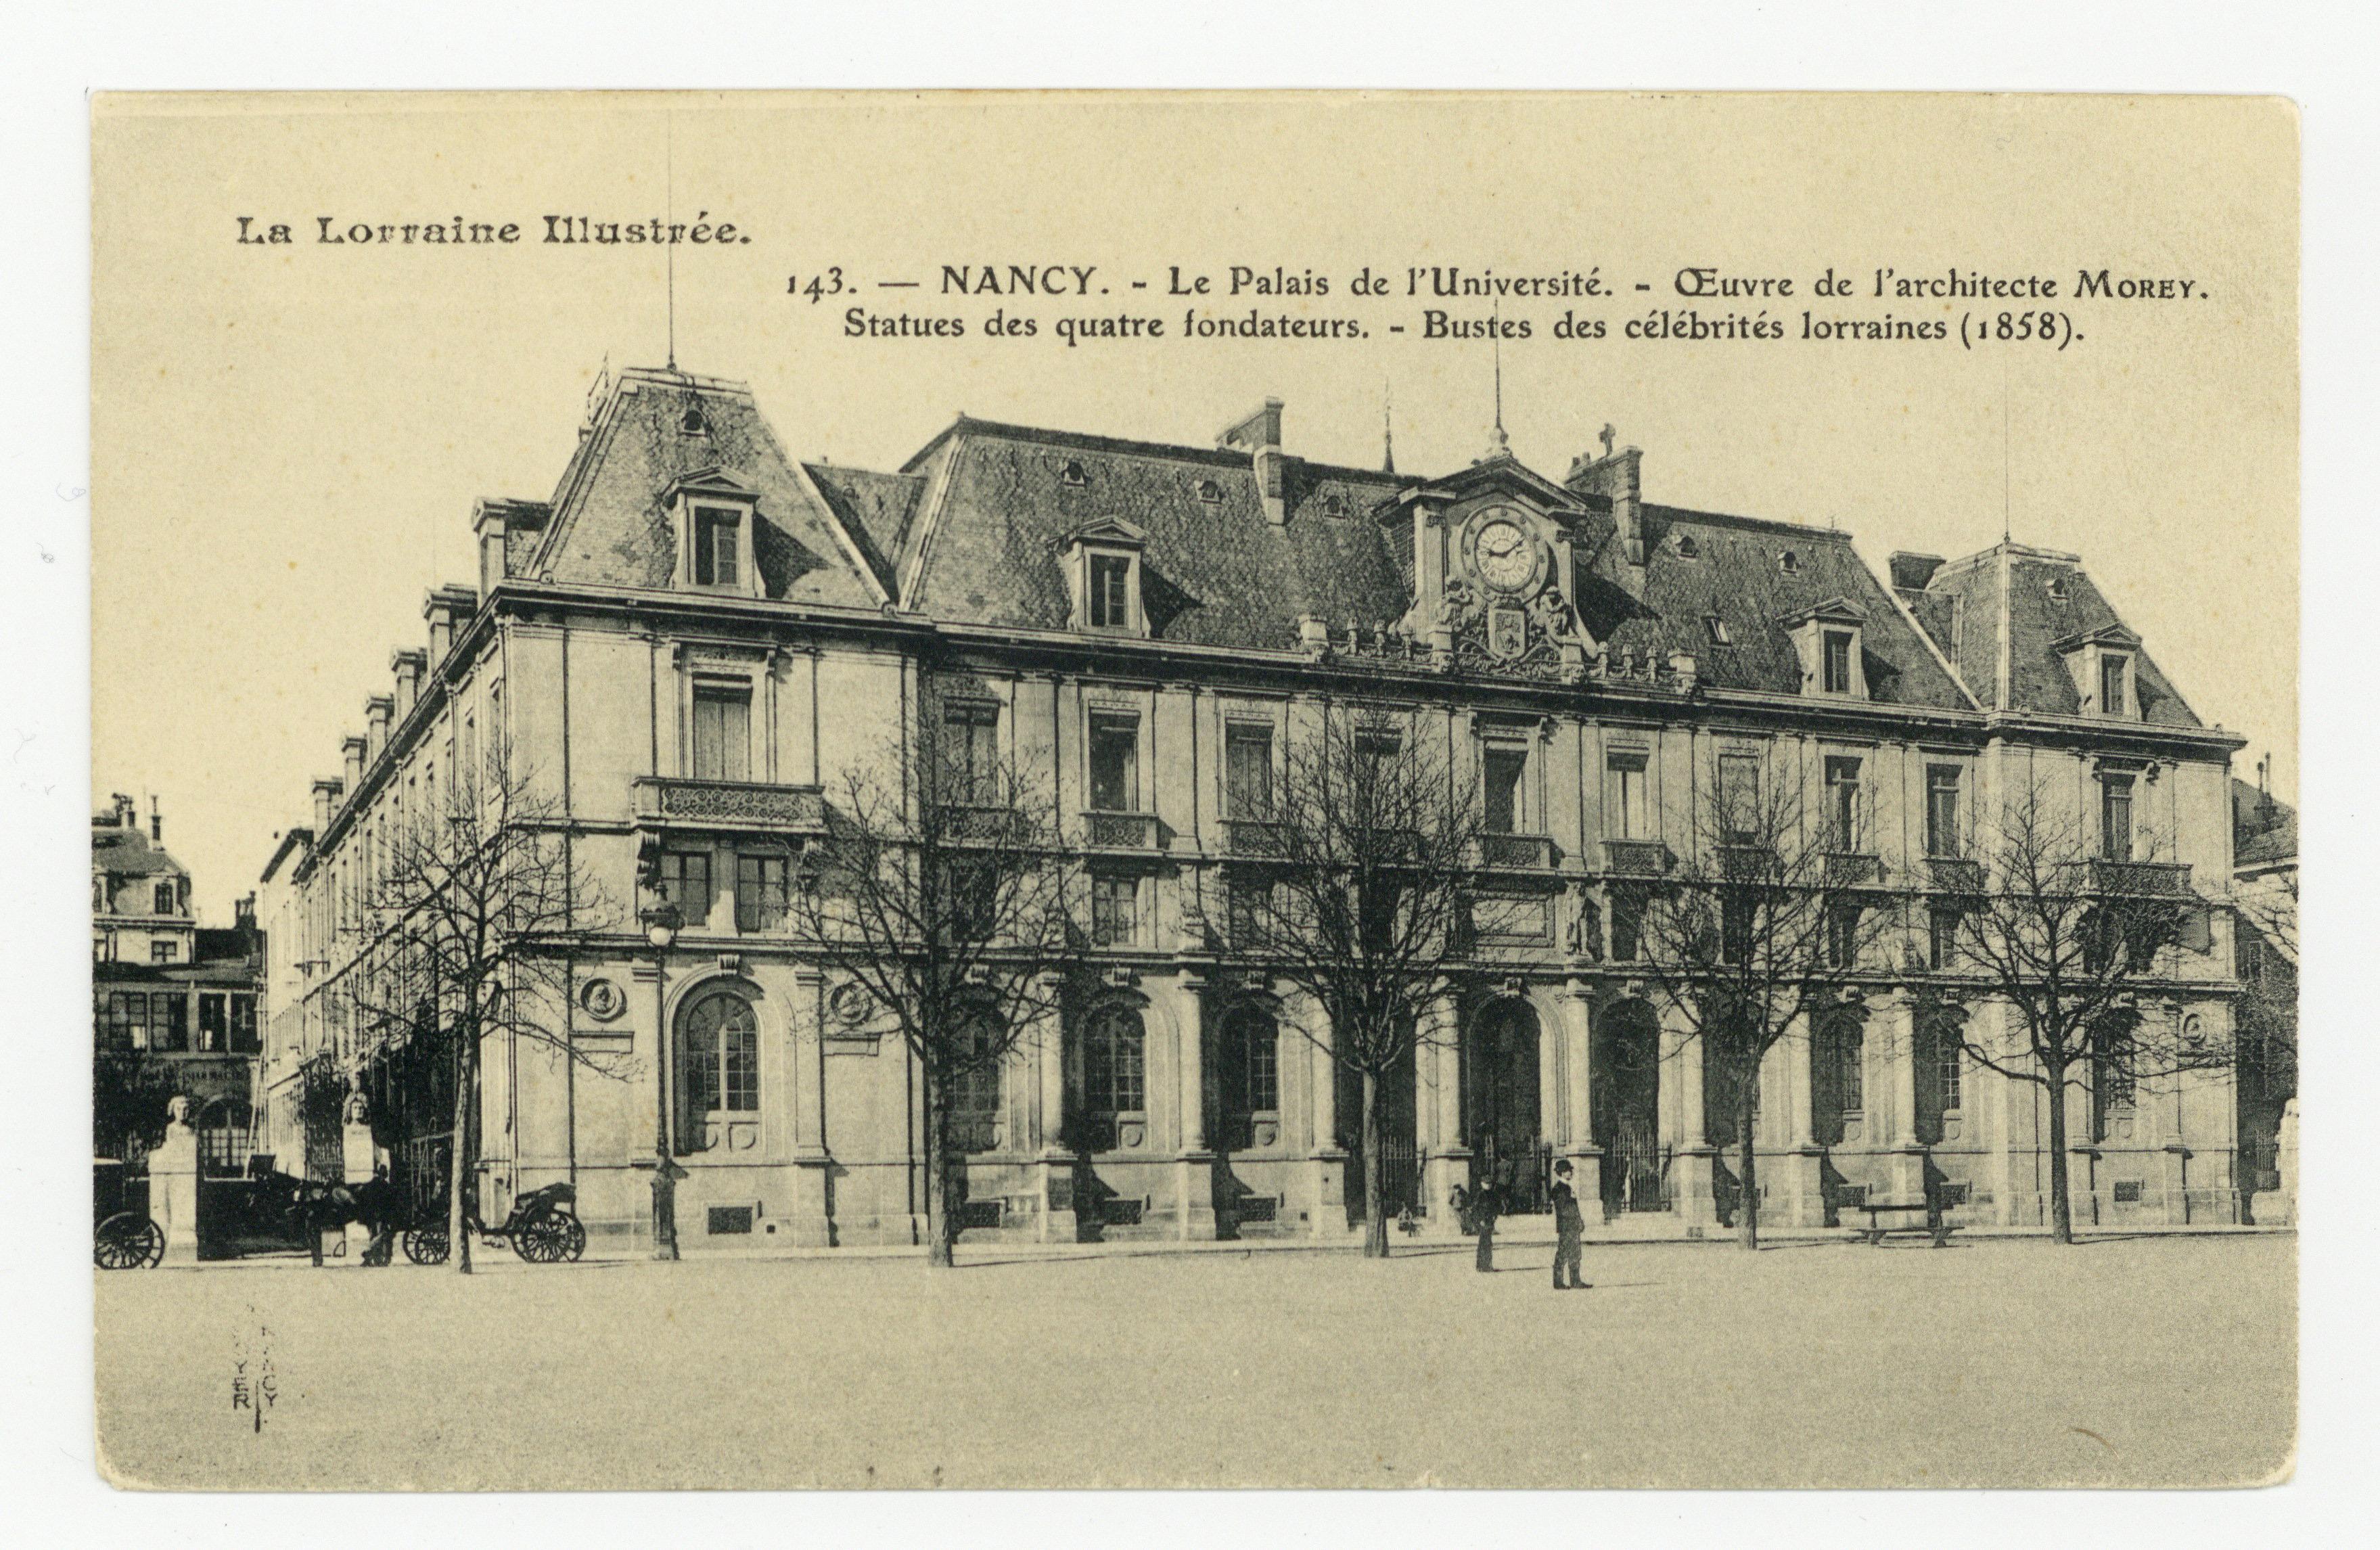 Contenu du Nancy. Le palais de l'Université. Œuvre de l'architecte Morey. Statues des quatre fondateurs. Bustes des célébrités lorraines (1858). La Lorraine Illustrée